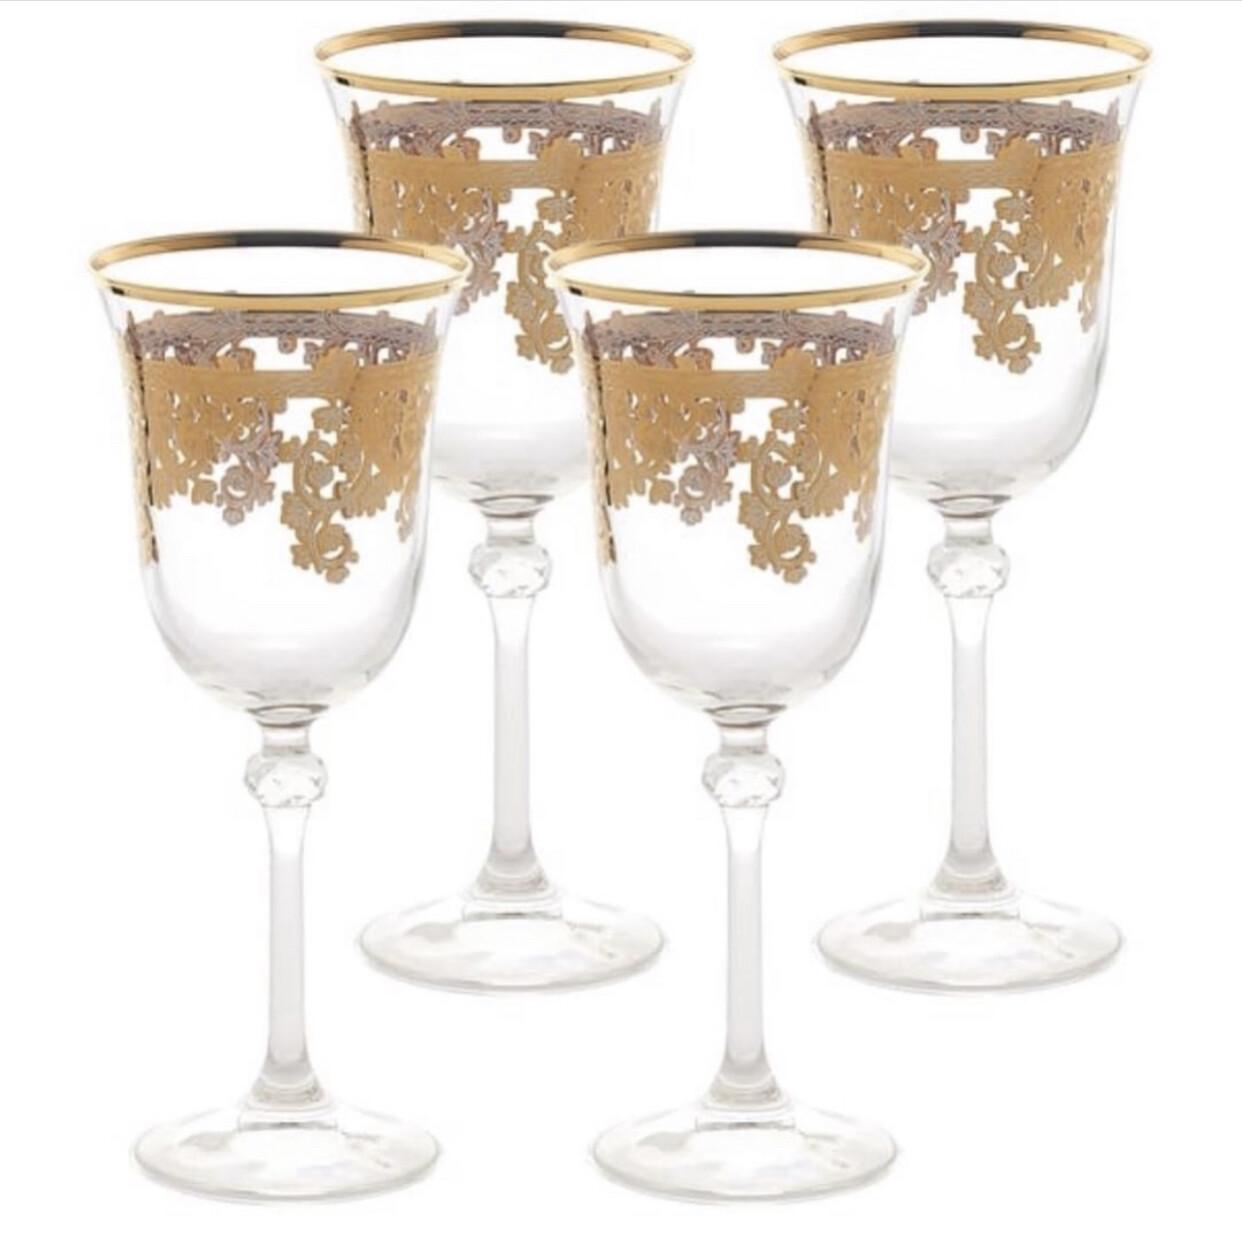 Antoinette Glassware